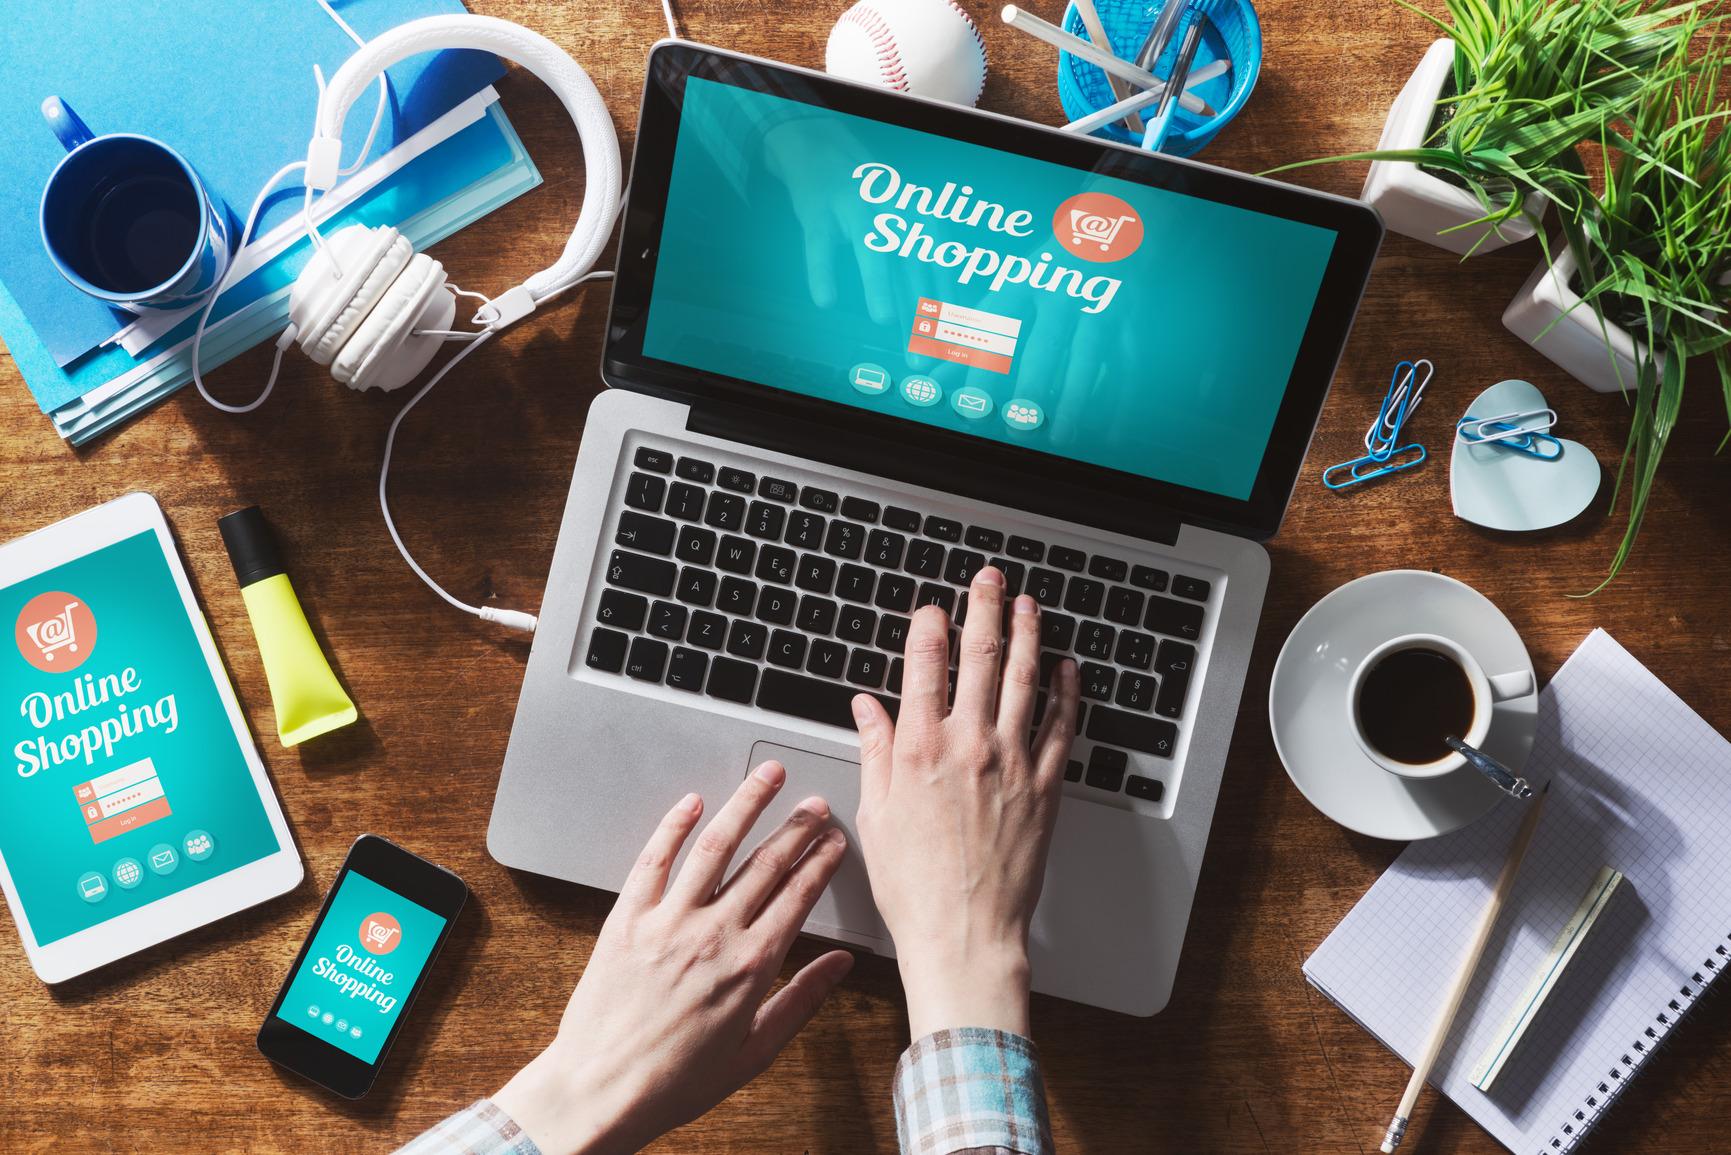 Trik Berjualan Online di Shopee Dengan Sistem Dropship » Bisnis Online Dropship, Usaha Sampingan Tanpa Modal Untuk Semua Golongan Masyarakat